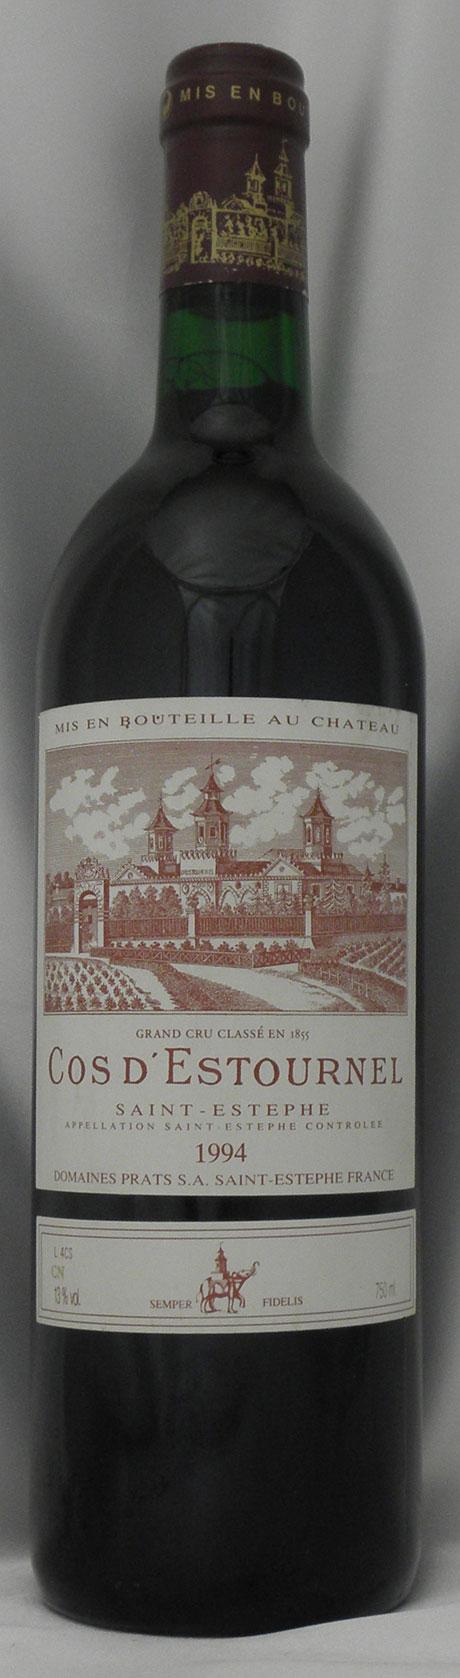 1994年 シャトー コスデス トゥルネル(フランス 赤ワイン)